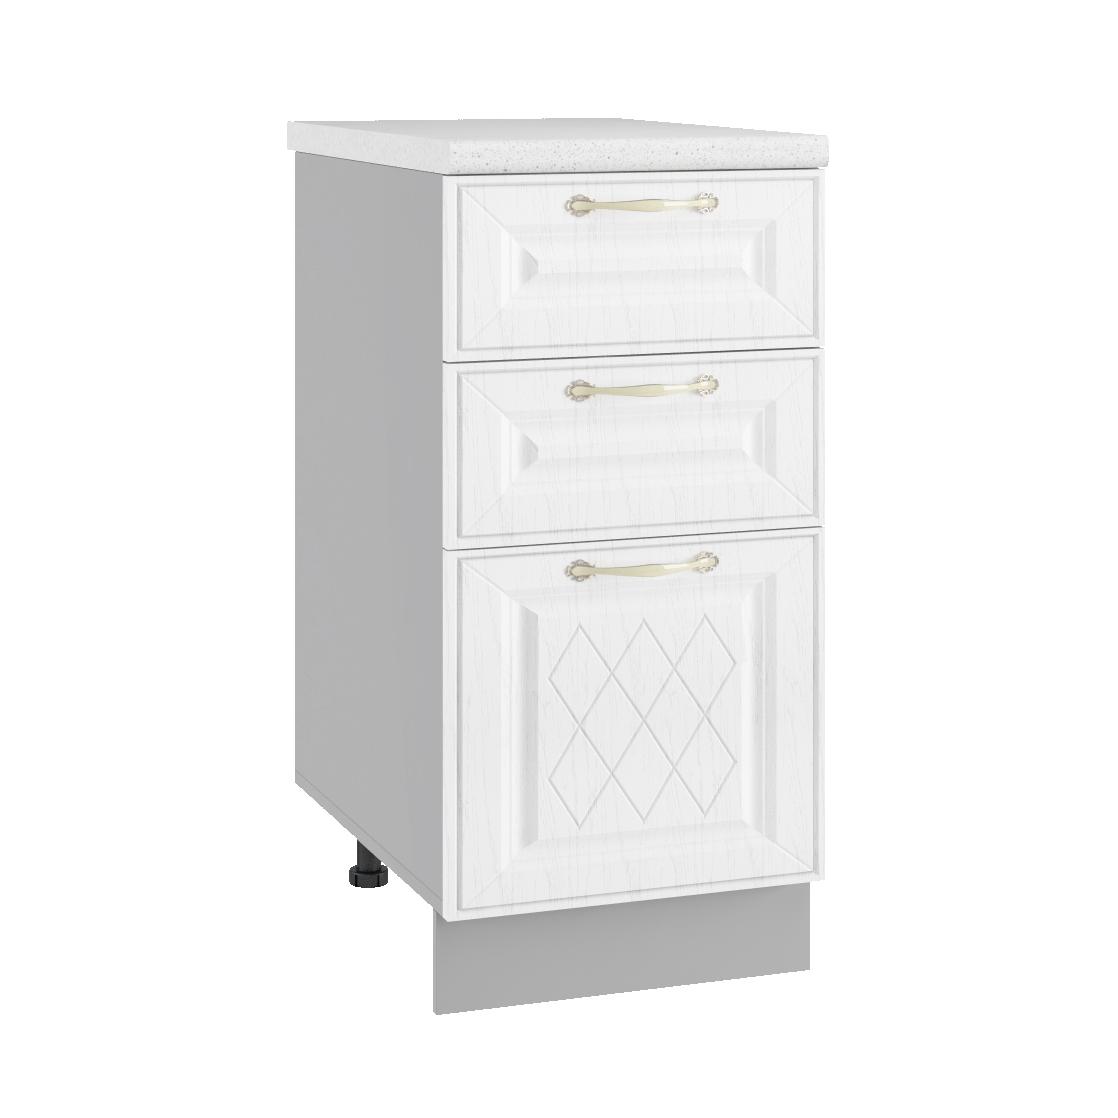 Кухня Вита СЯ 400 Шкаф нижний с 3 ящиками